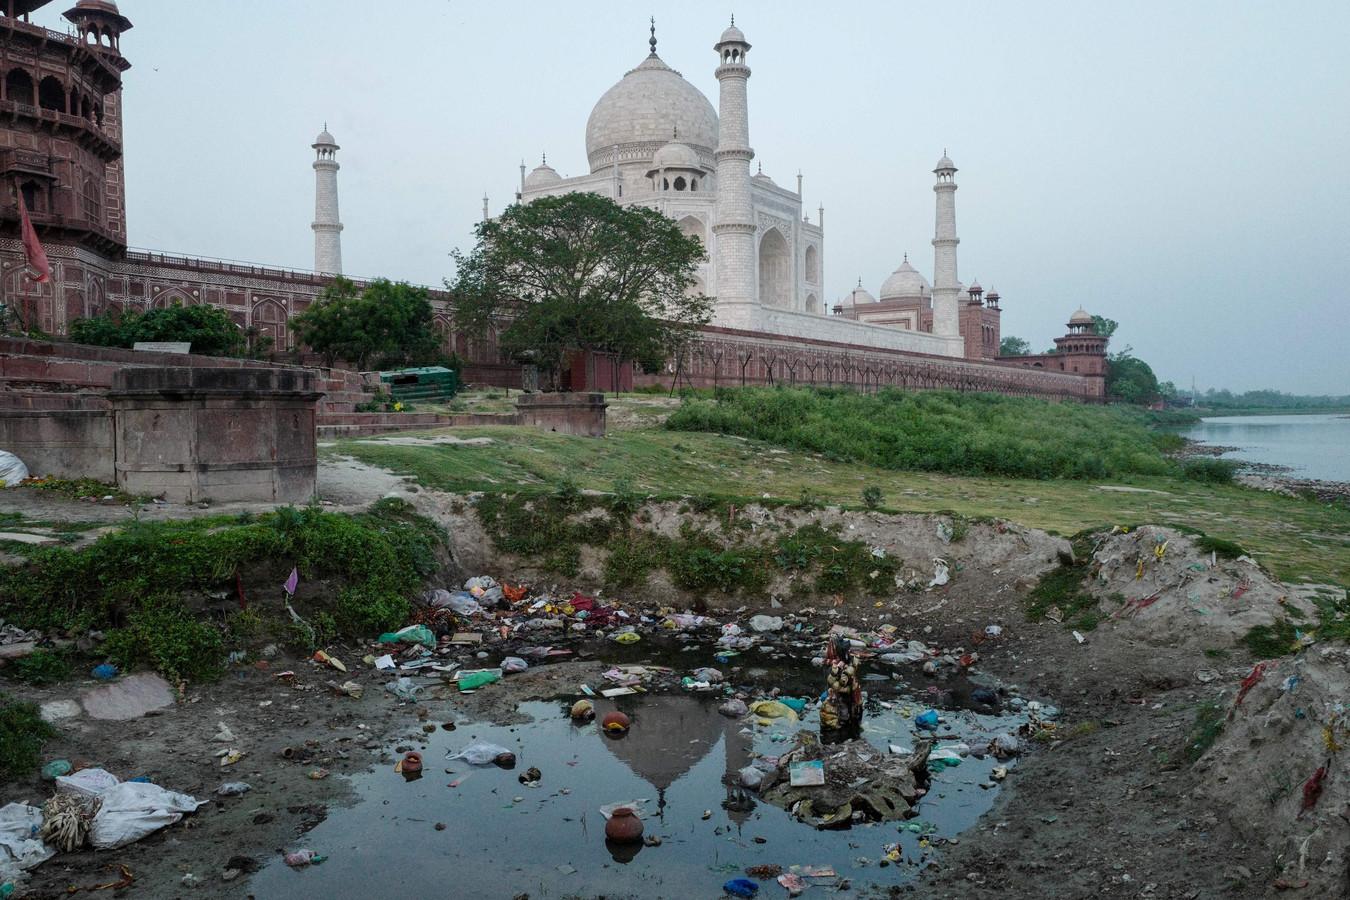 De Taj Mahal weerkaatst in het rioolwater dat geloosd wordt op de rivier Yamuna.